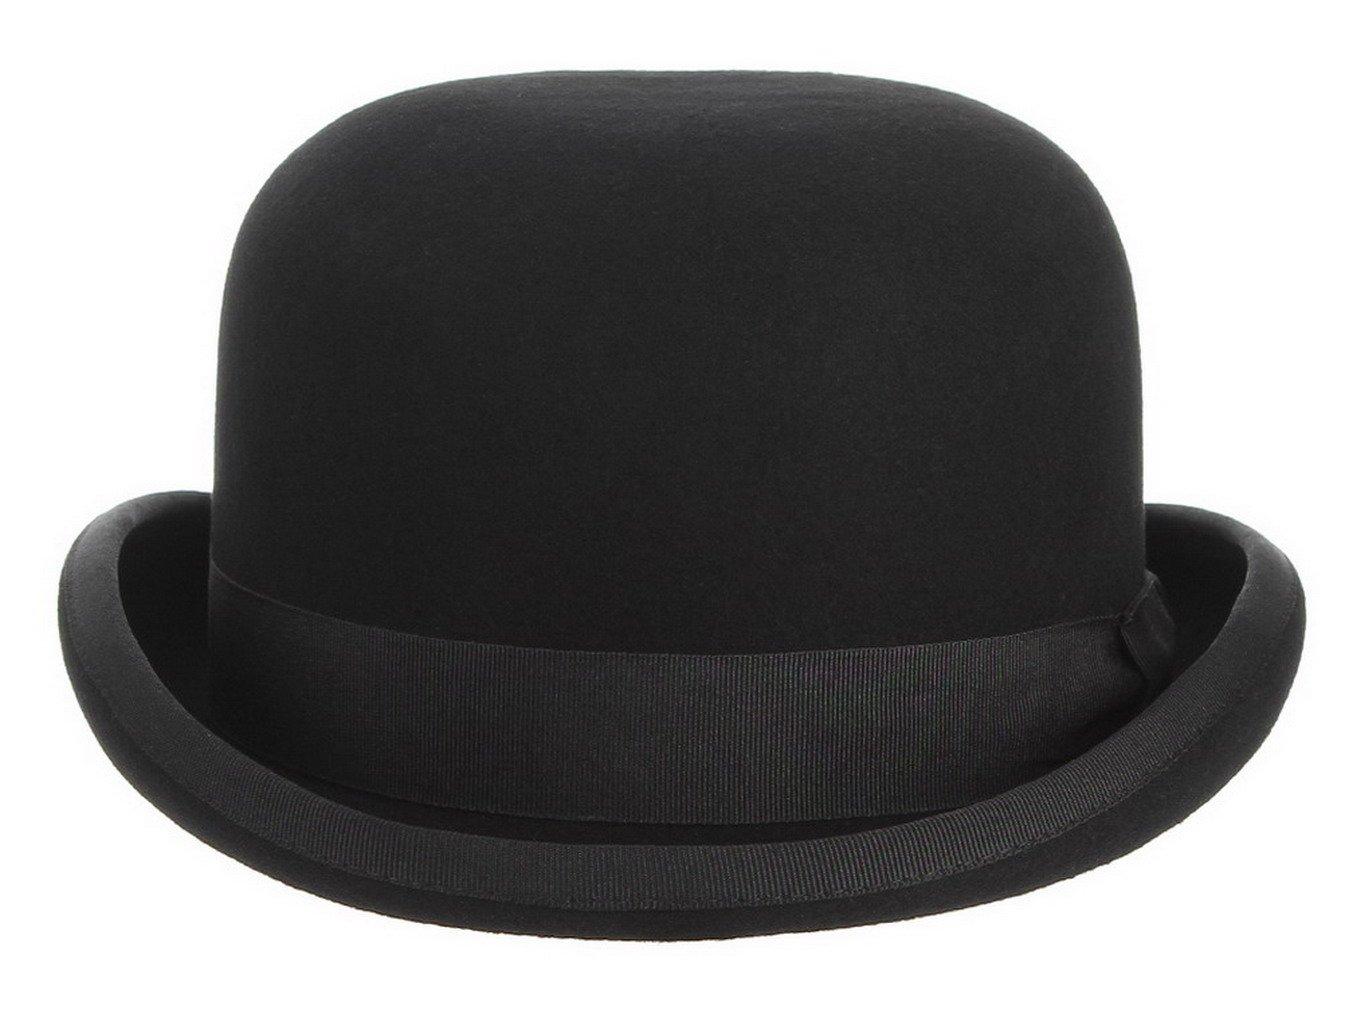 La Vogue-Classico Cappello Lana Jazz Unisex Bombetta Topper Berretto Puro  Rotondo Cap 52a222ae007e